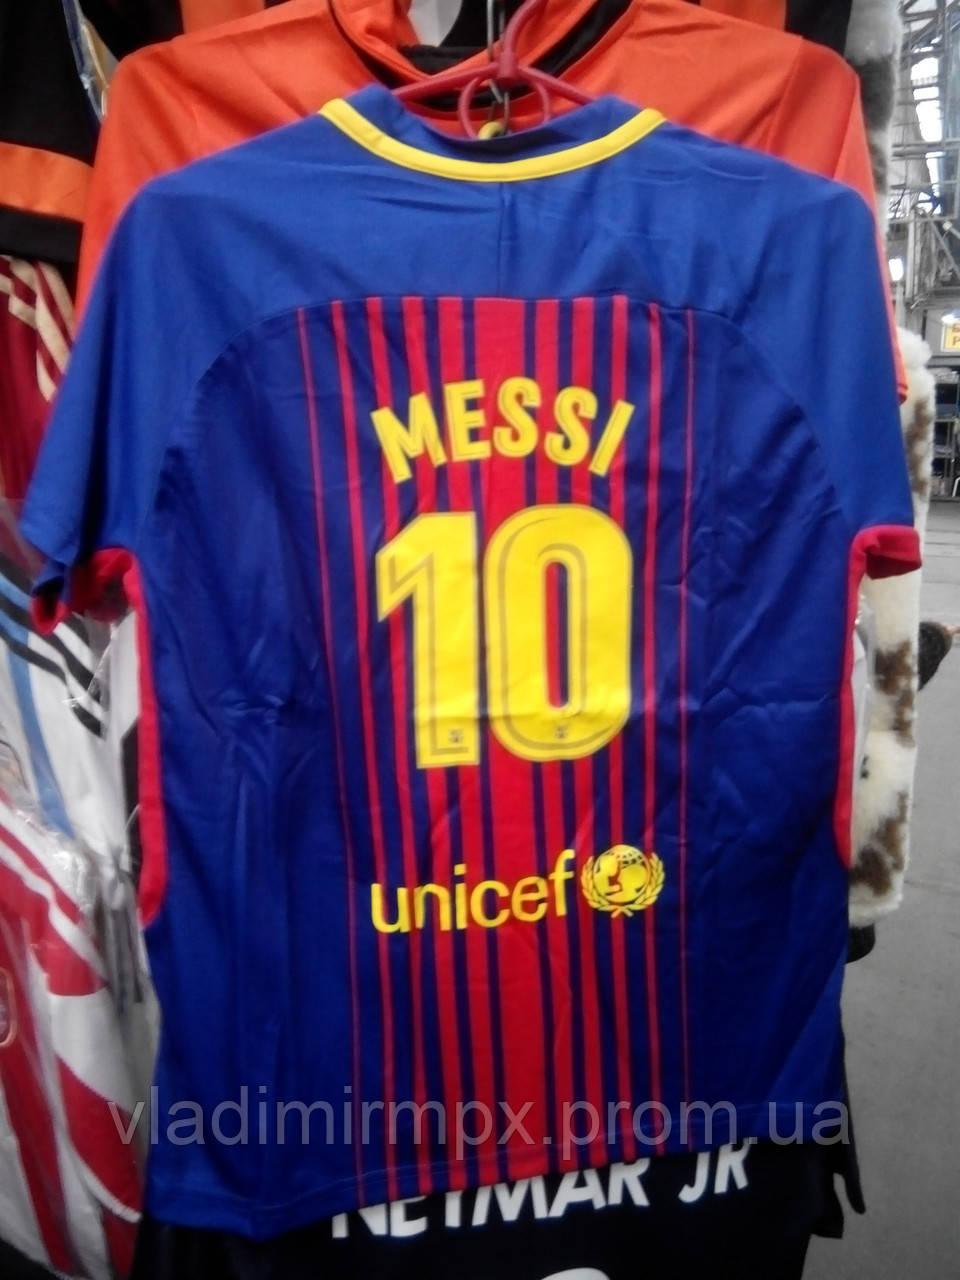 ... Футбольная форма для детей Barcelona Messi Барселона Месси детская  ,подростковая, ... 6b7da6faf5c